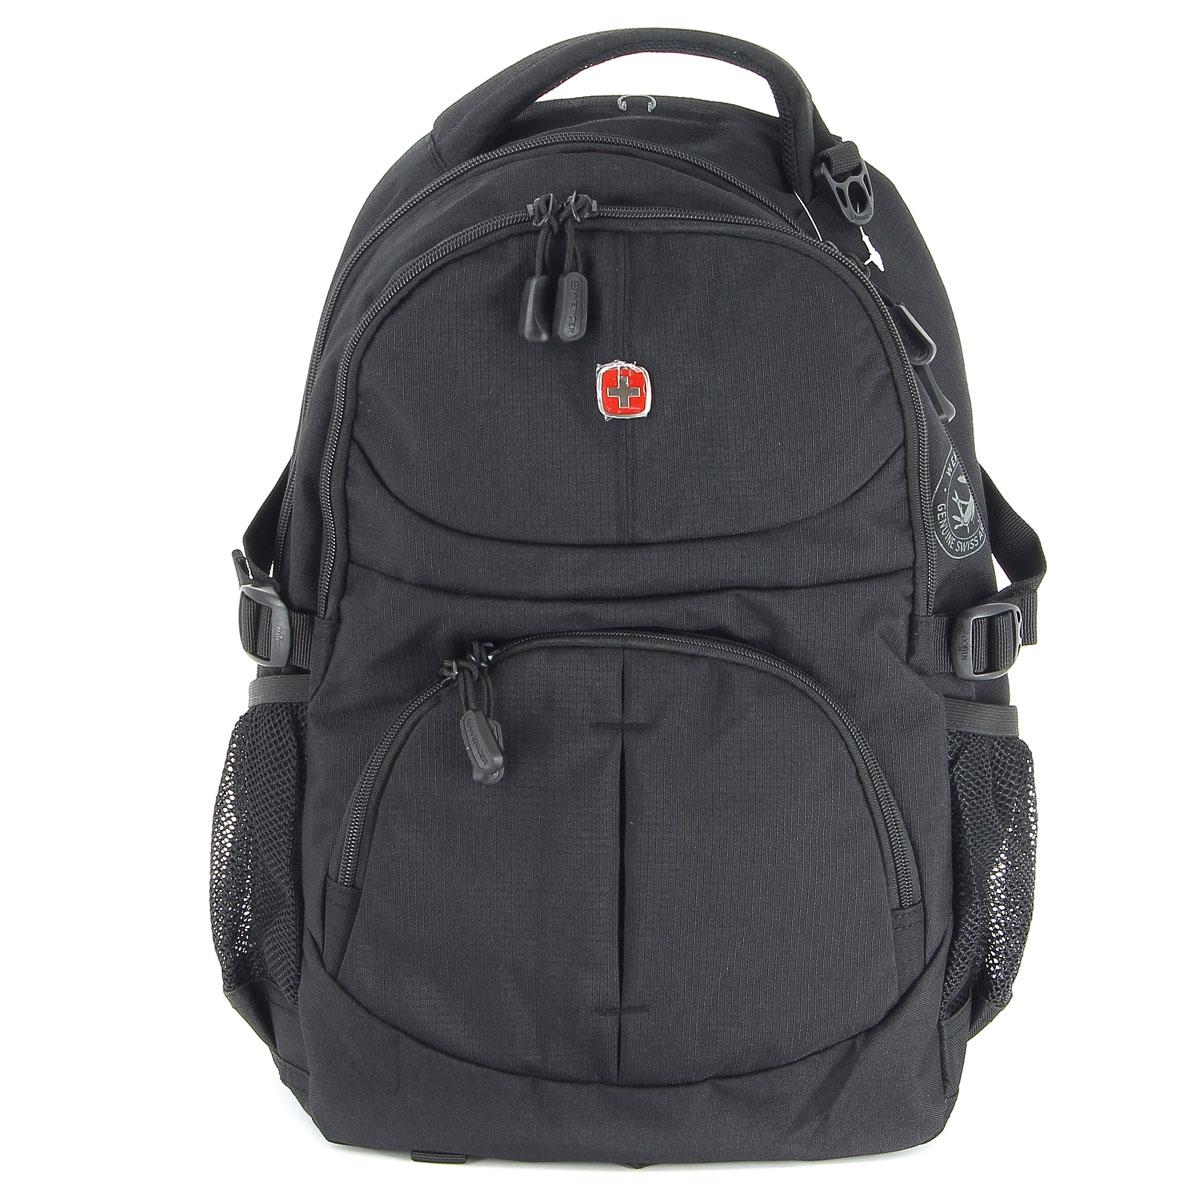 все цены на Рюкзак Wenger, цвет: черный, 33 см х 15 см х 45 см, 22 л онлайн